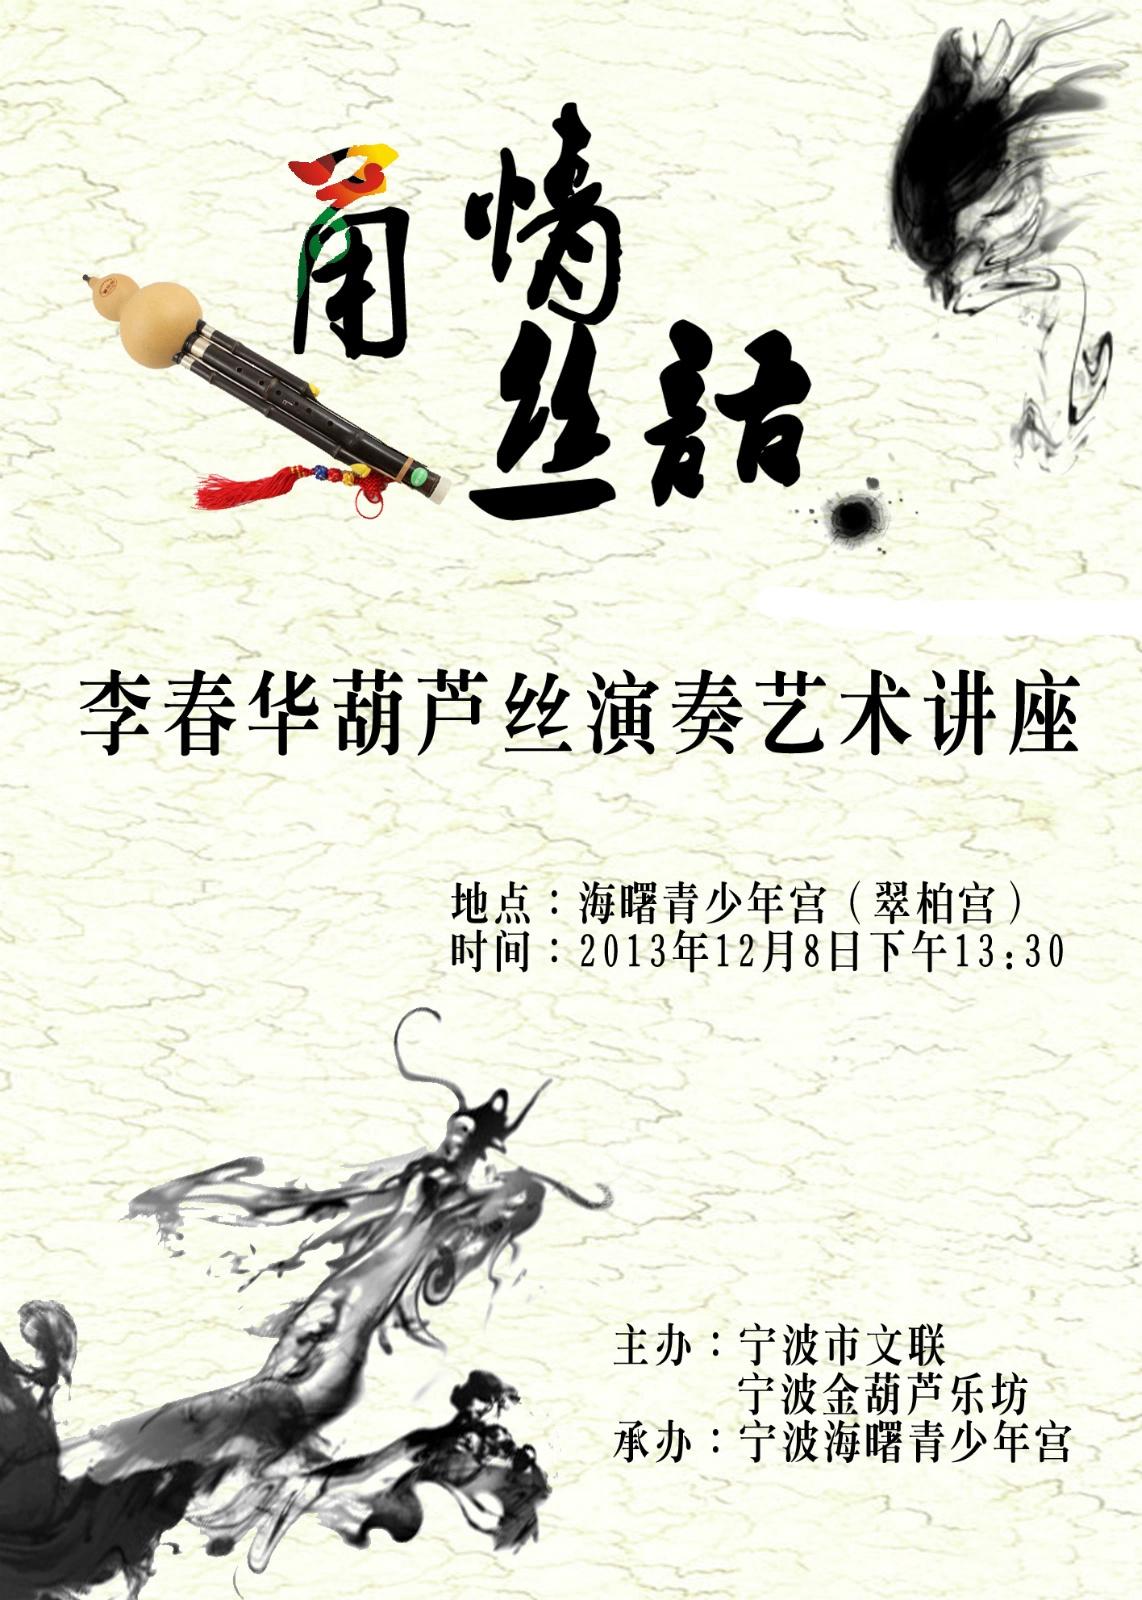 甬情丝语 李春华葫芦丝演奏艺术讲座